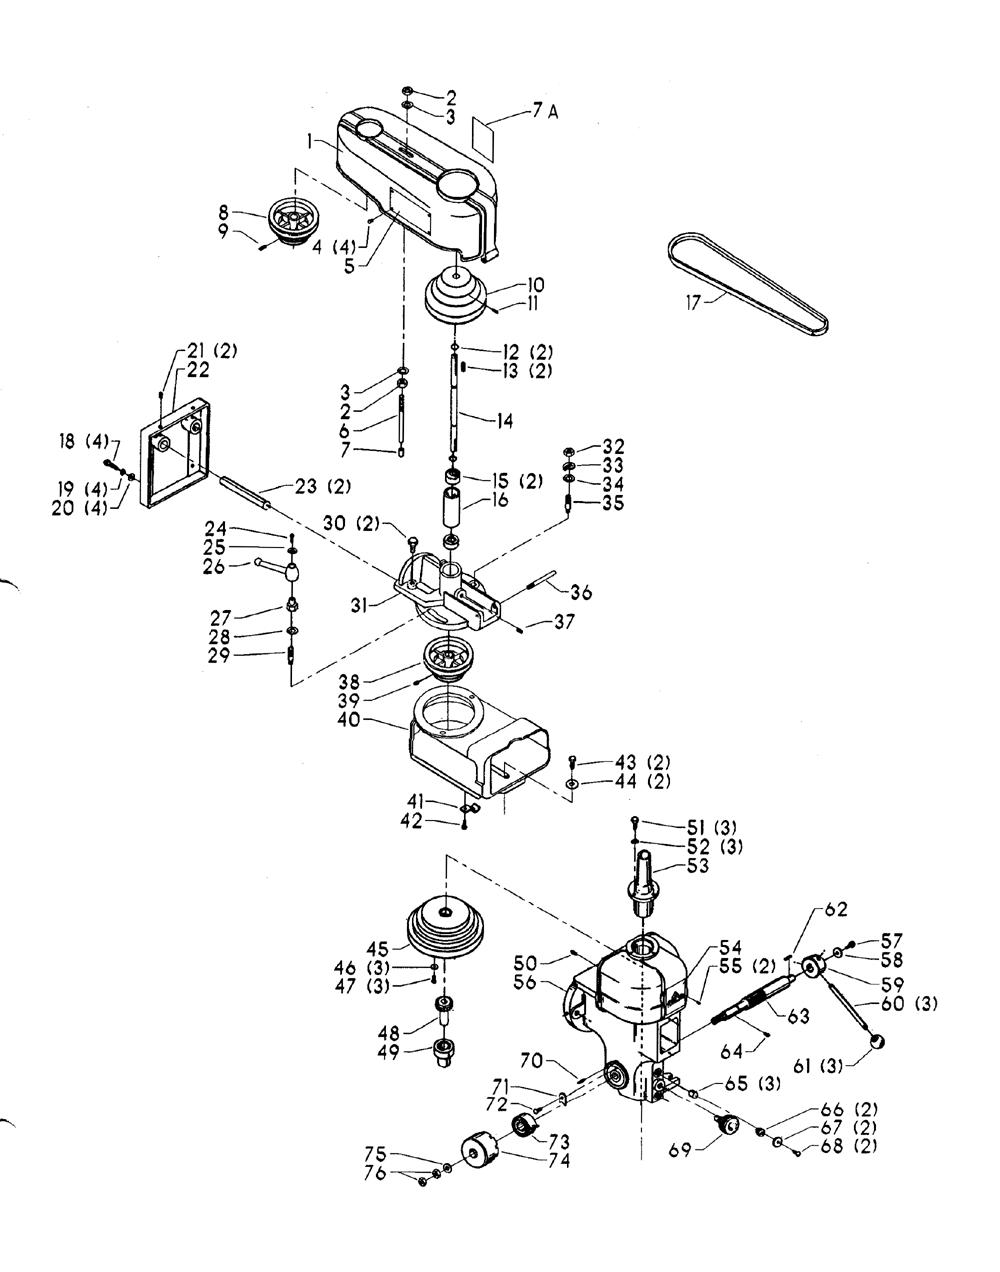 15-126-Delta-T1-PB-1Break Down